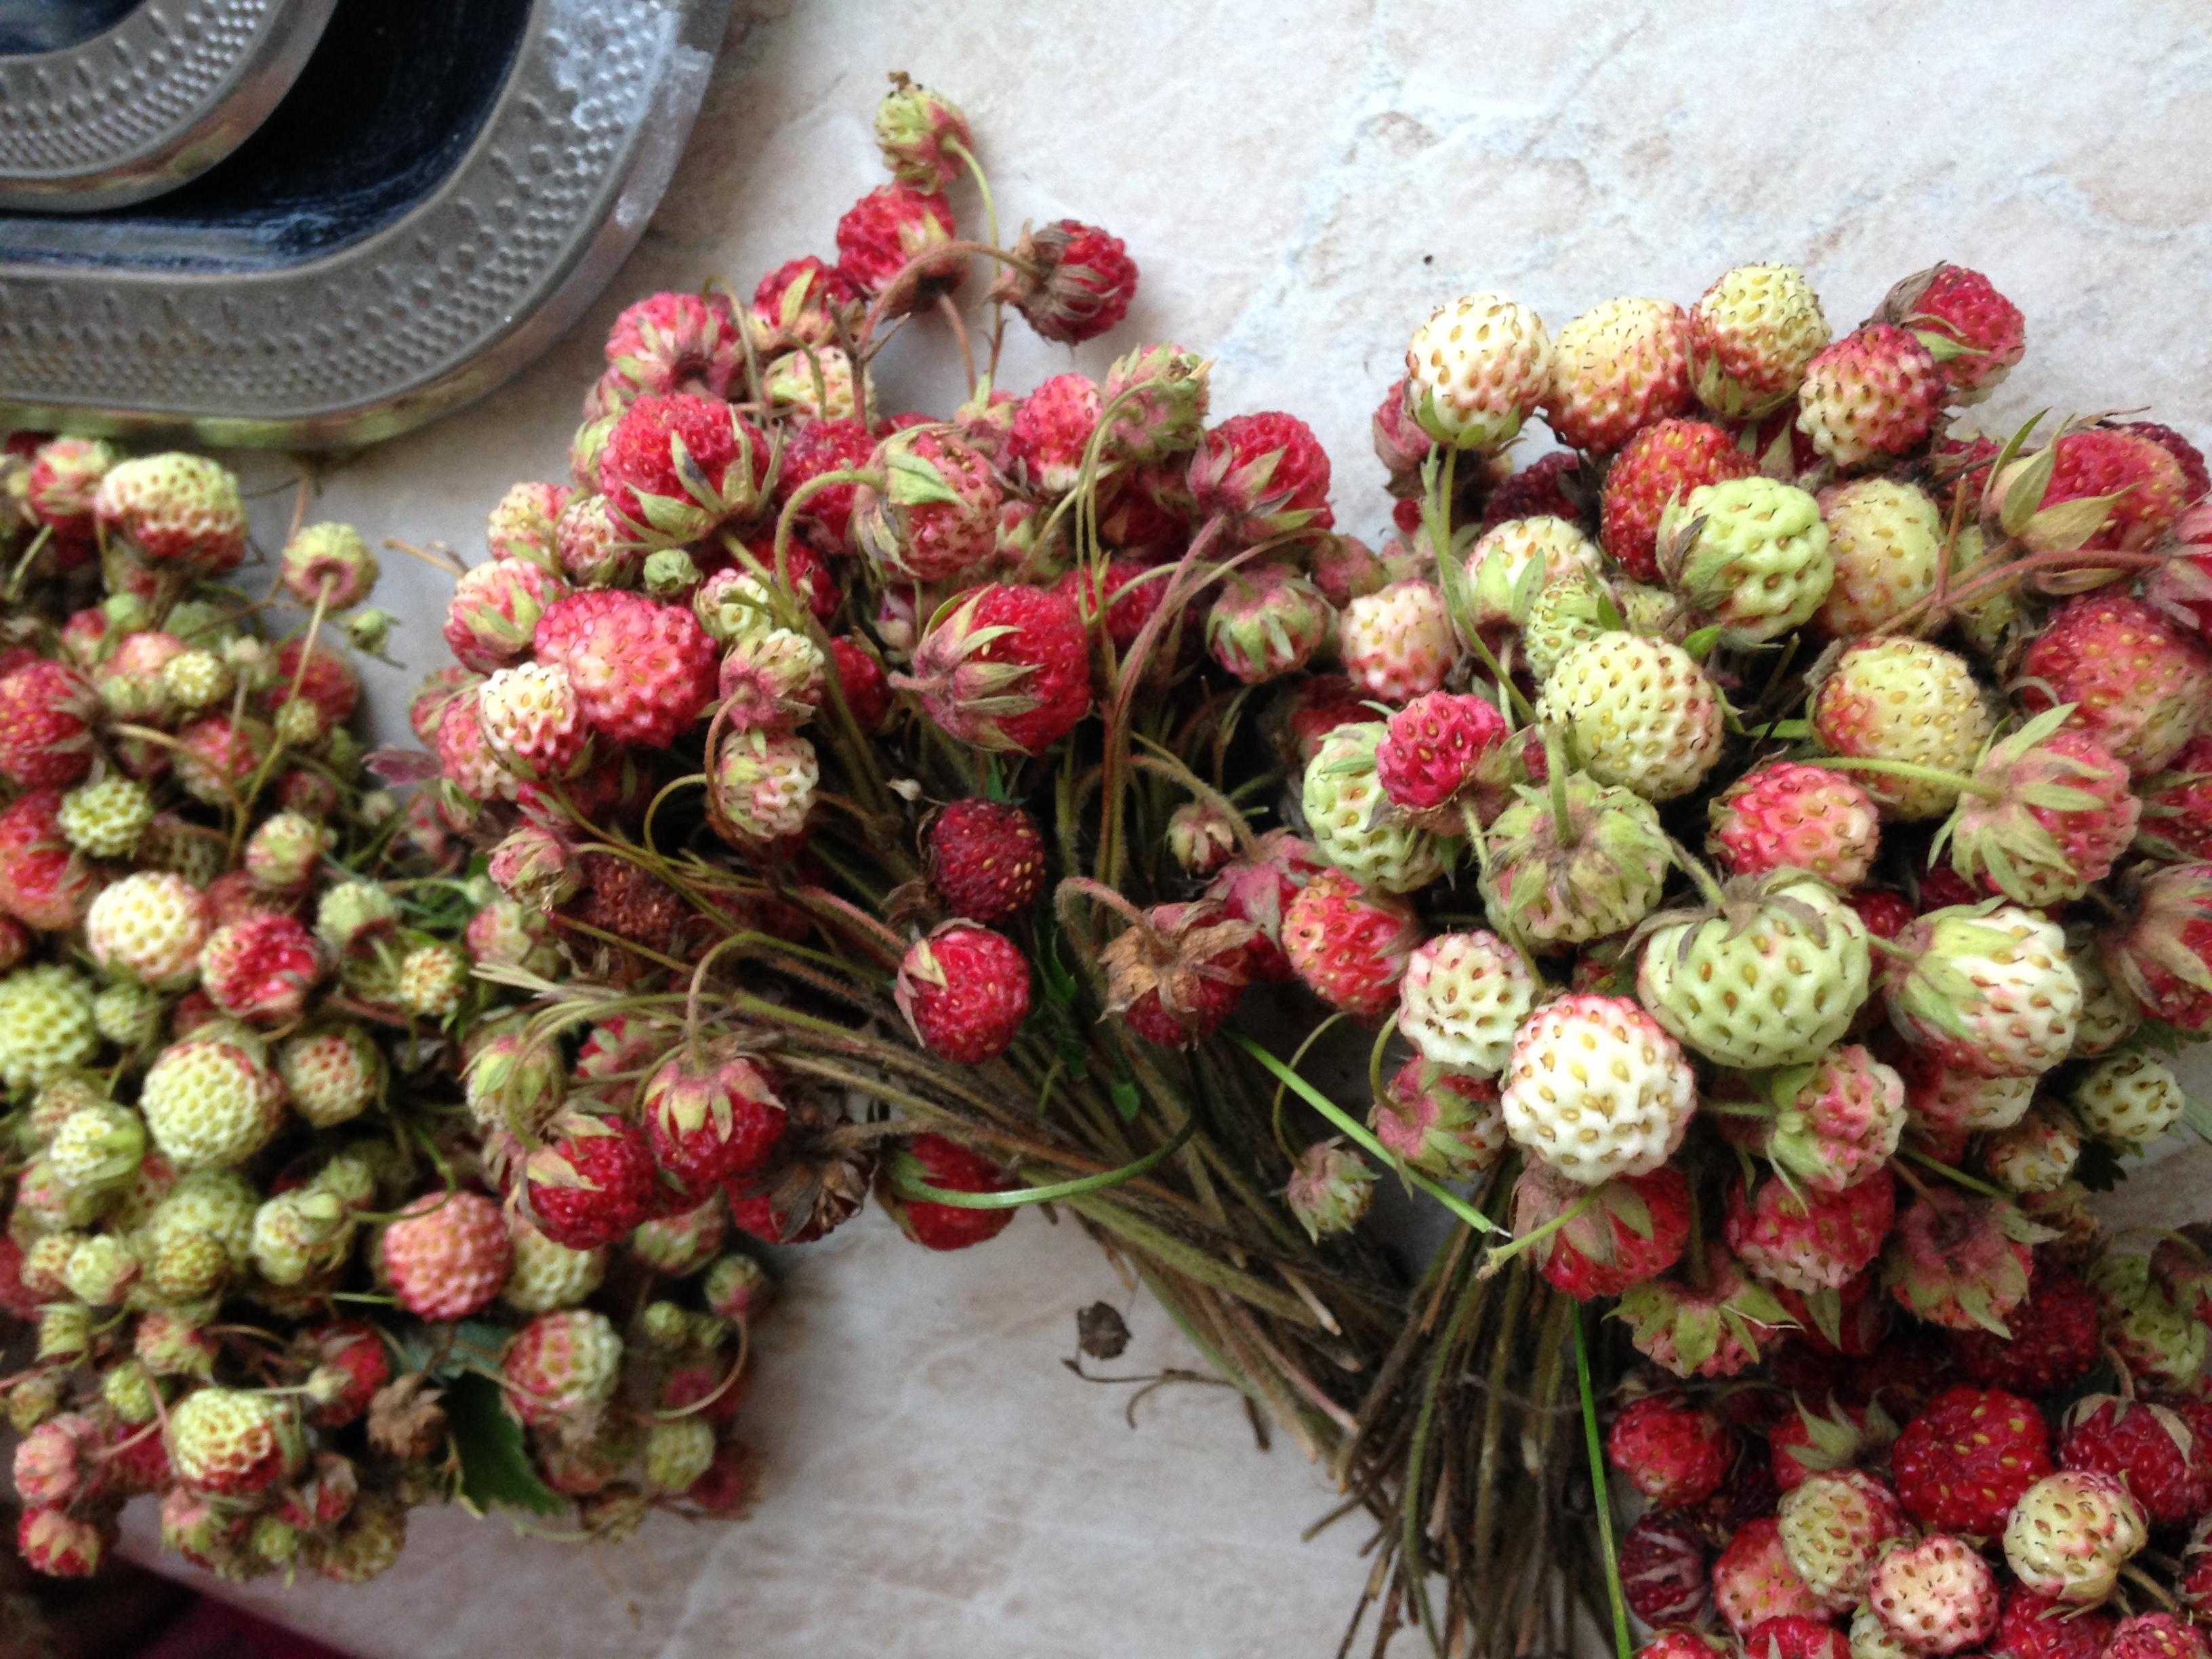 Wild foraged strawberries